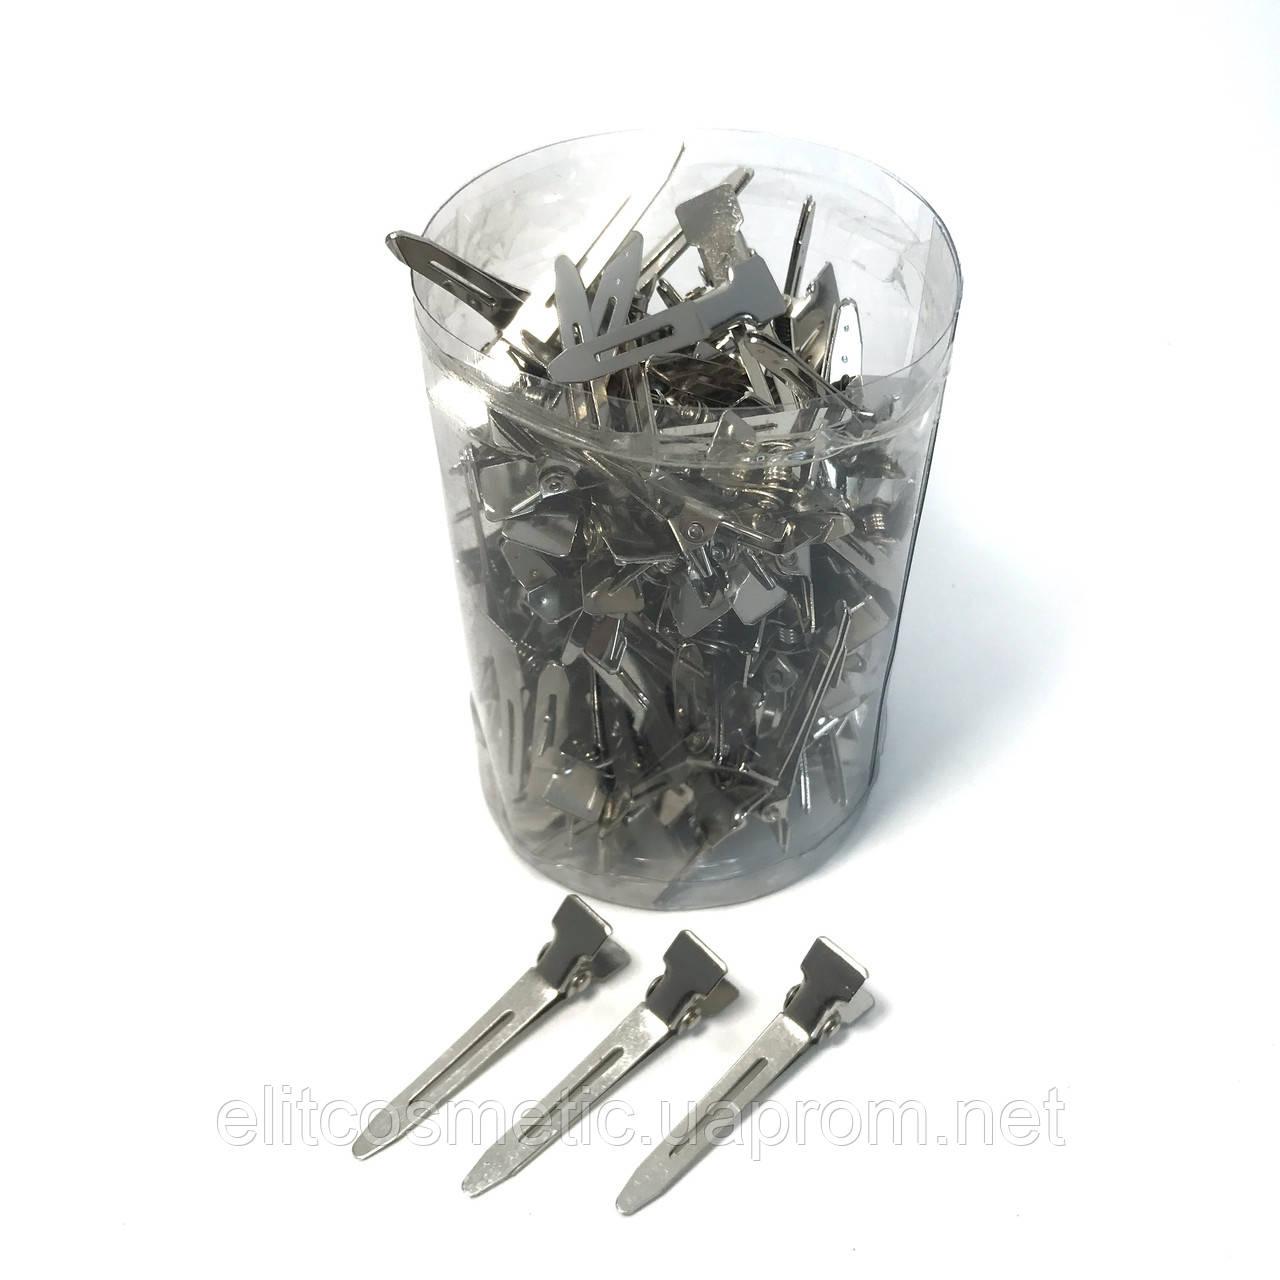 Зажим для волос DenIS professional - металл 5 см. 100шт.